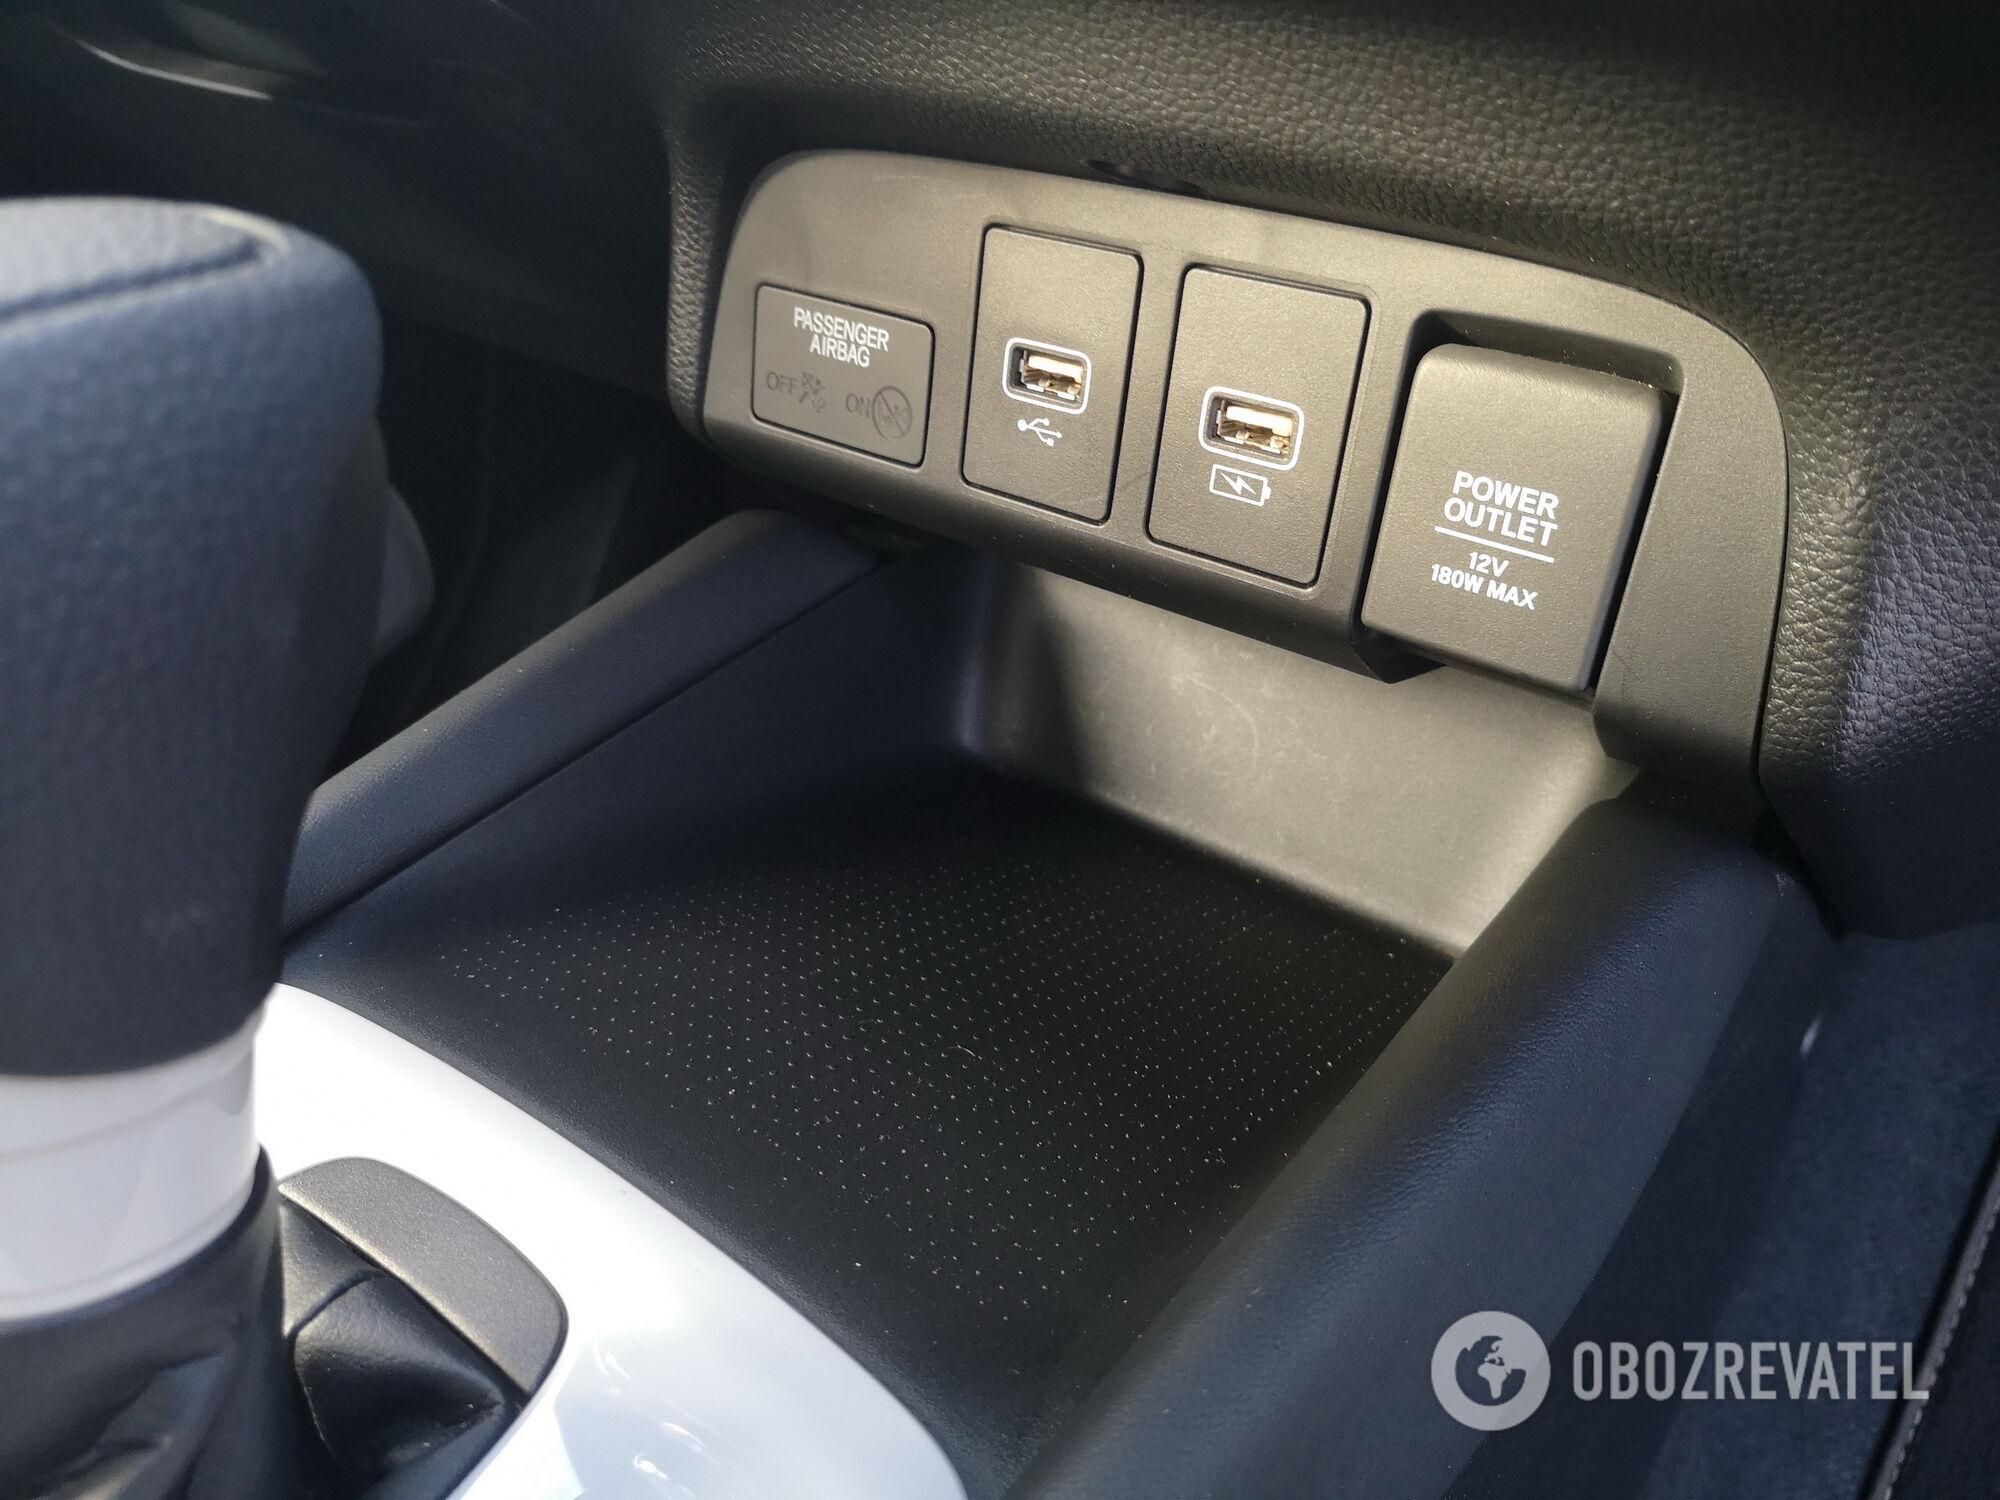 В нижней части консоли есть USB-порты, розетка на 12 В, а также индикатор состояния подушки безопасности